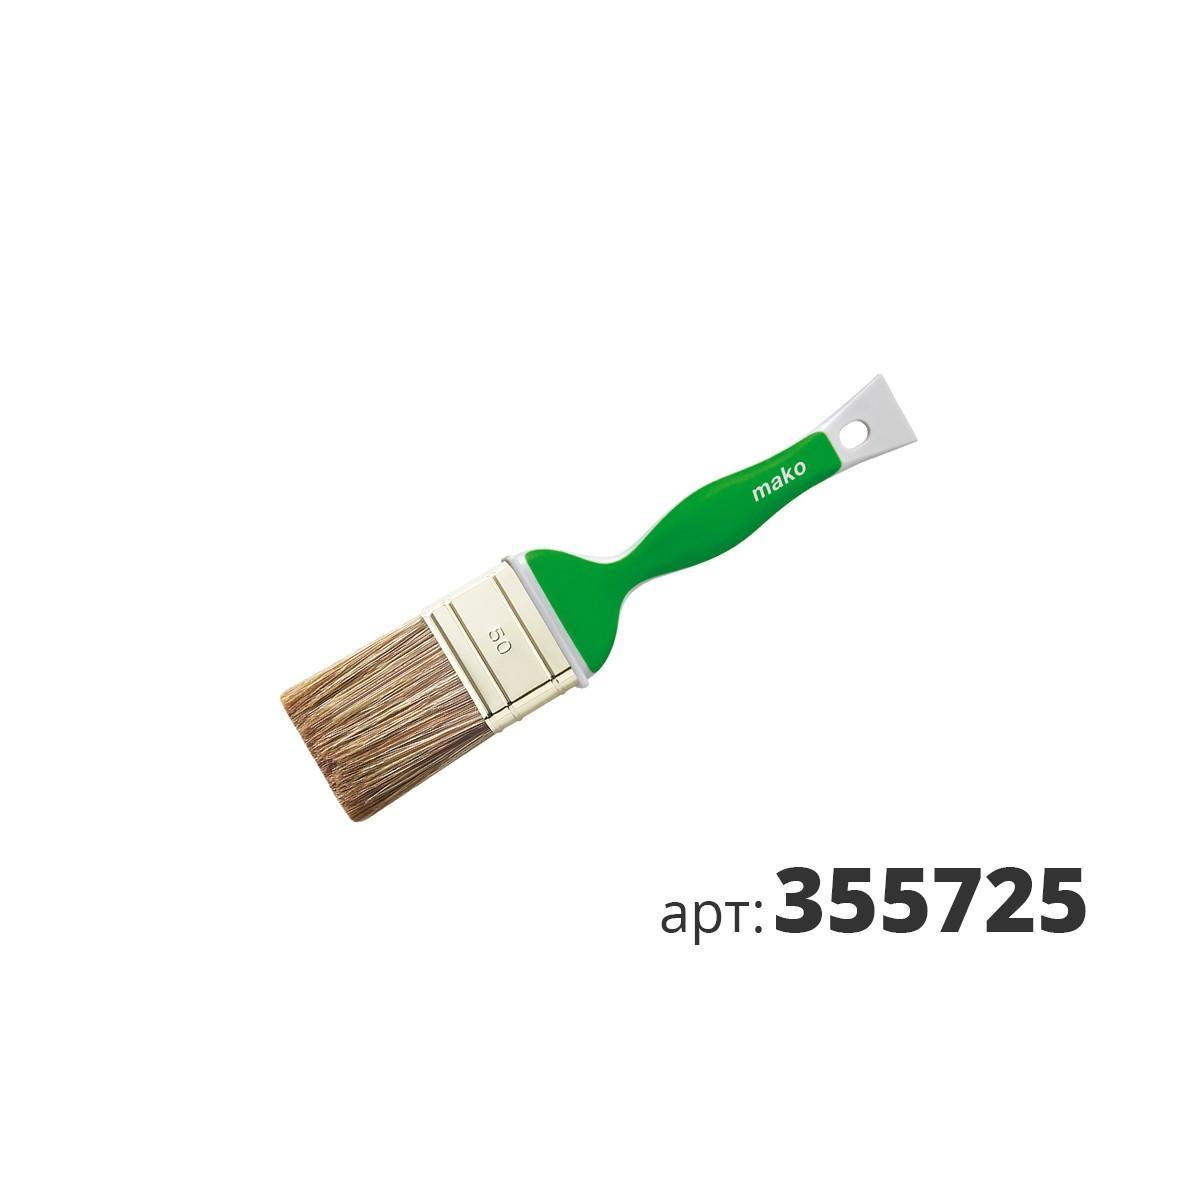 МАКО кисть флейцевая Soft Grip, смесь полиэстер (Hollester) и натуральной щетины 355725